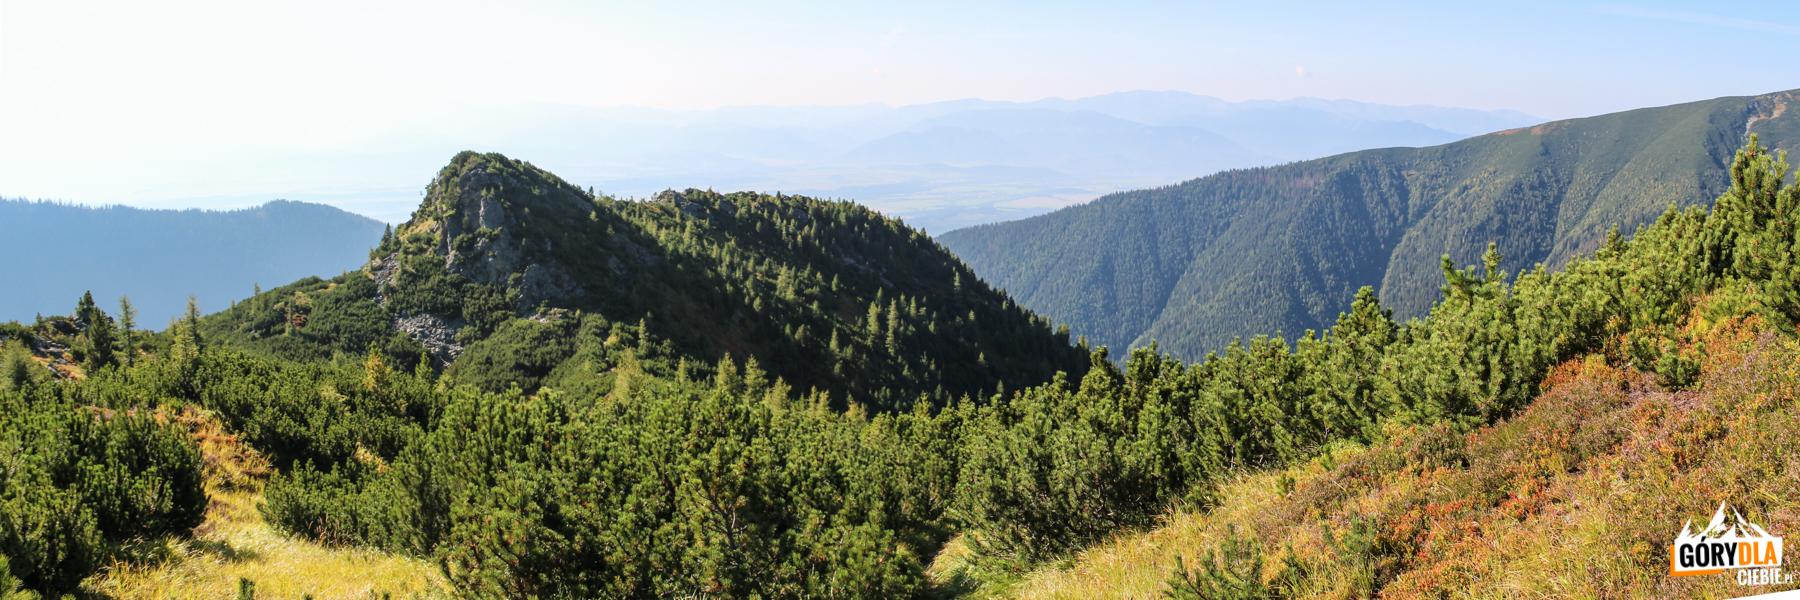 Ostredok (Małe Otargańce) dwuwierzchołkowy szczyt (wys. 1674 m i1714 m)